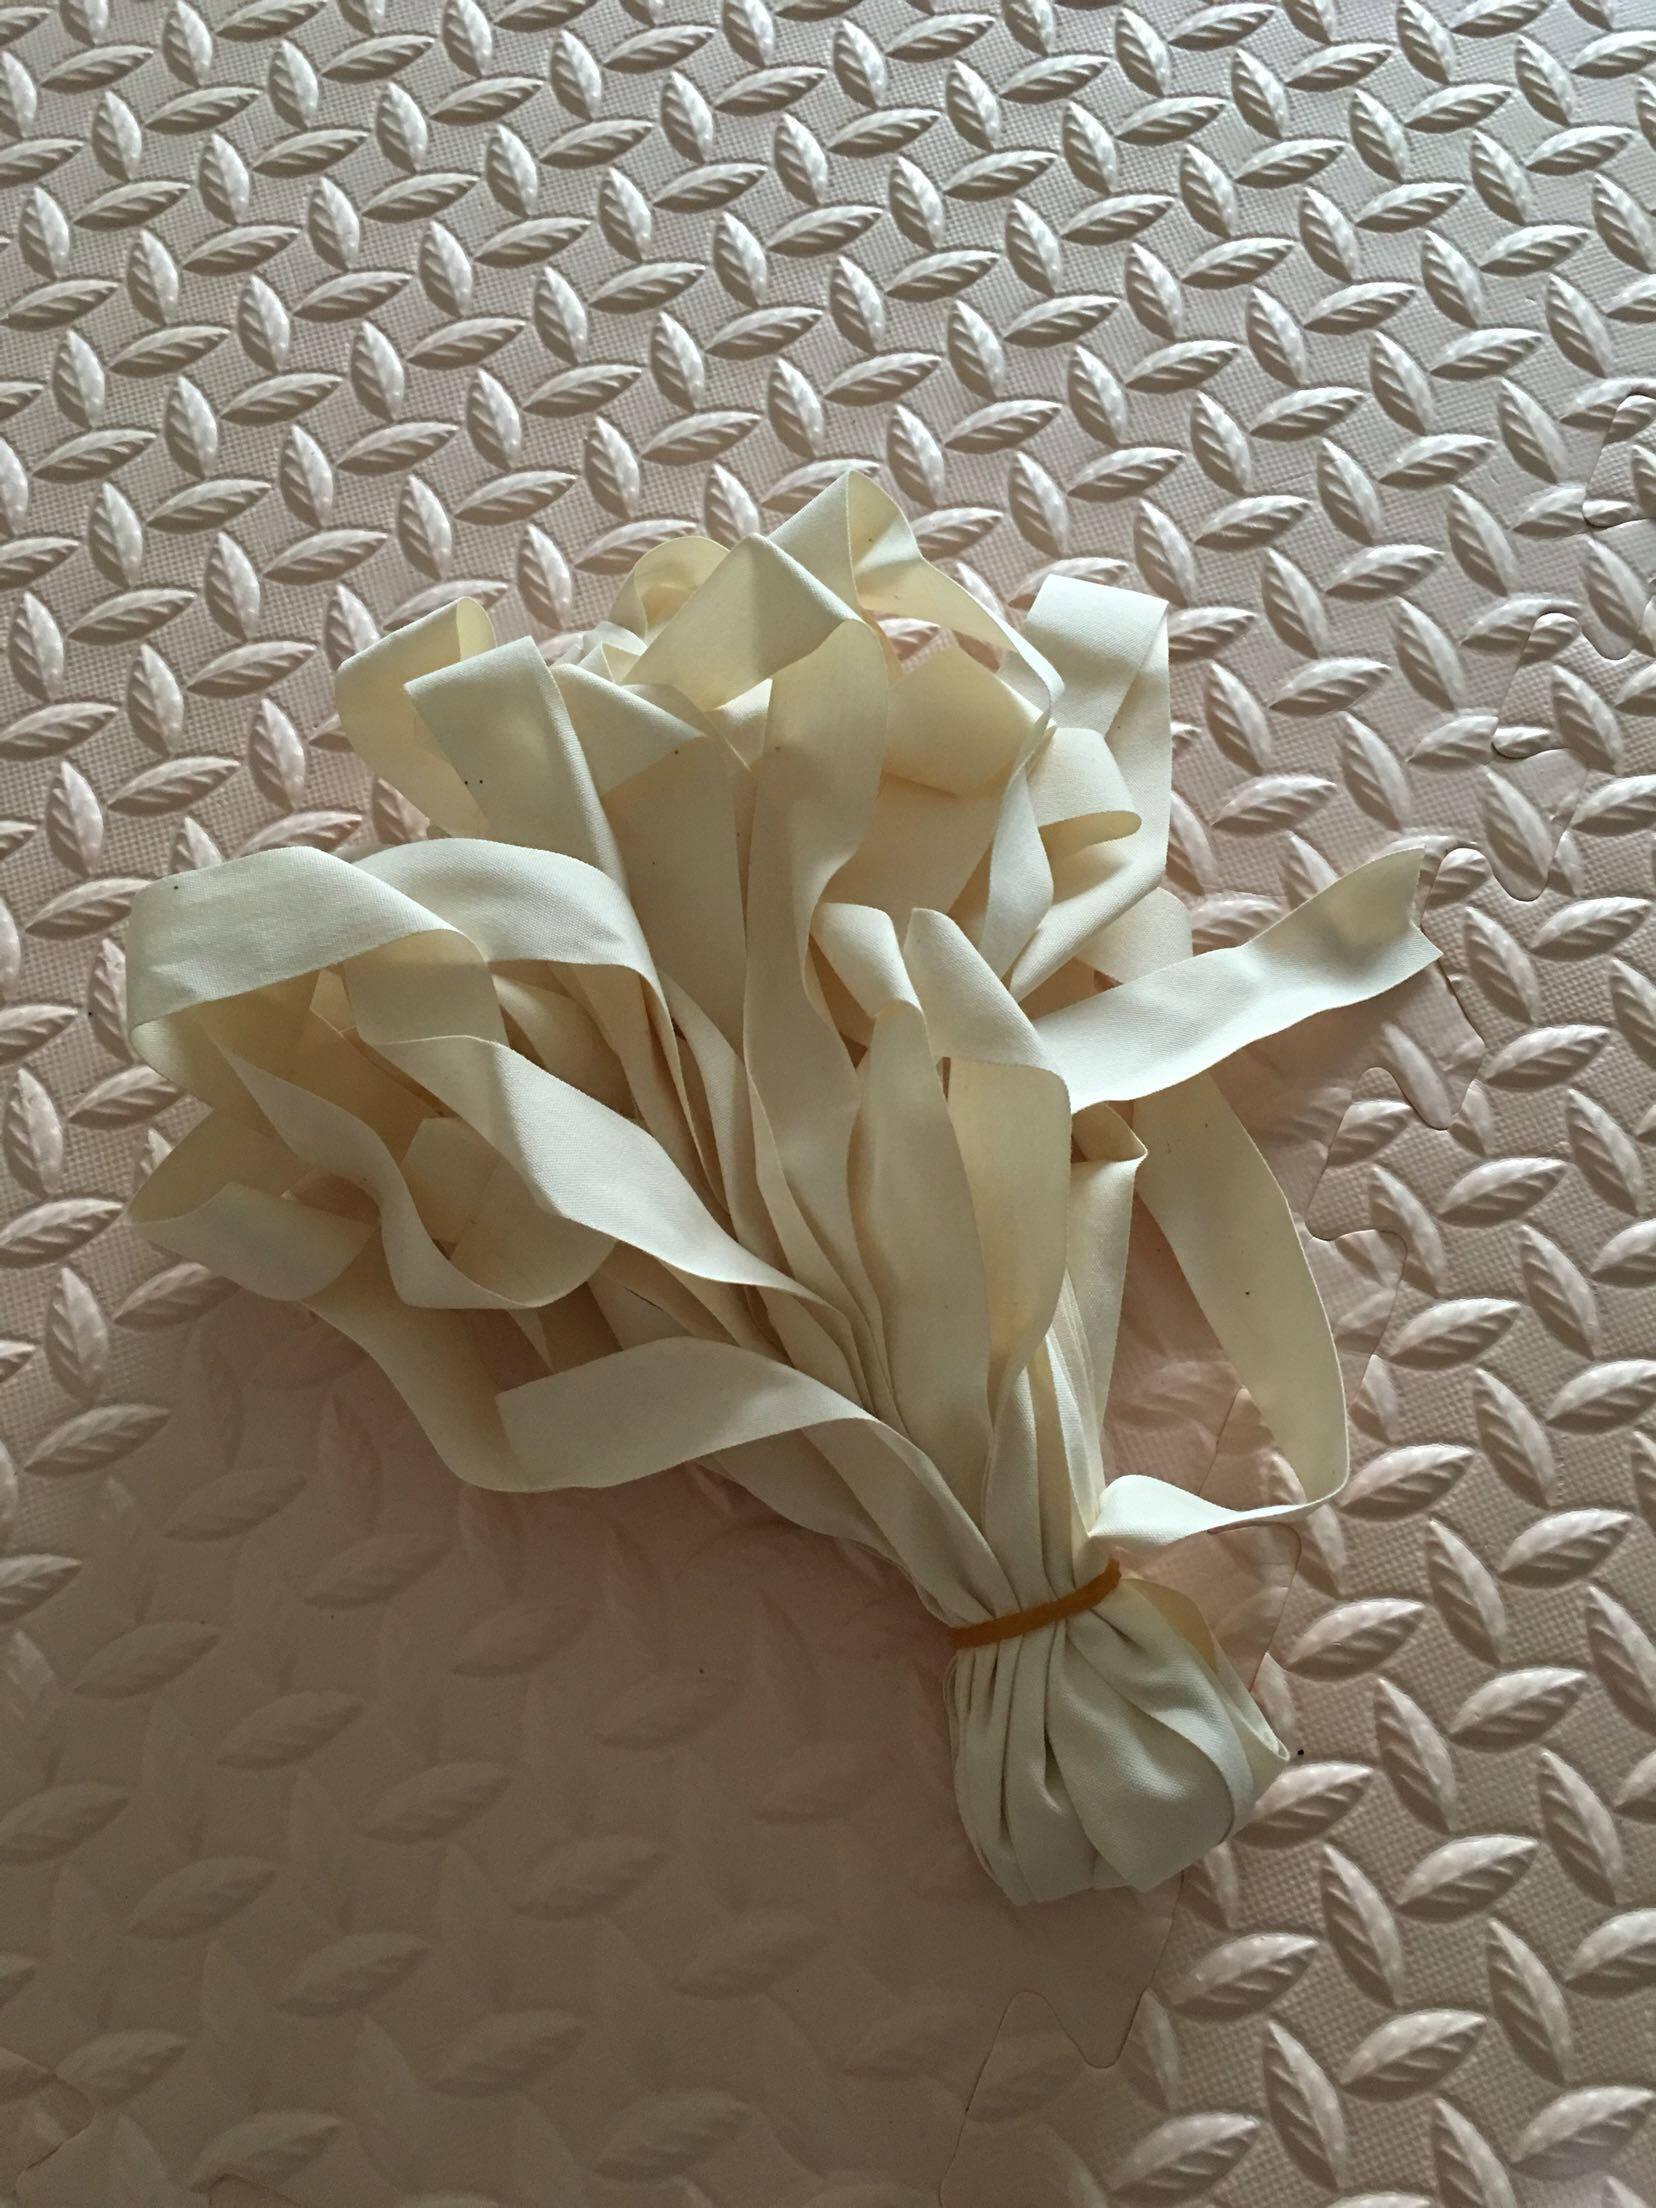 棉布平纹织带本白棉纱手工包边带布带商标带绑腿带滚边带辅料本白一米1CM